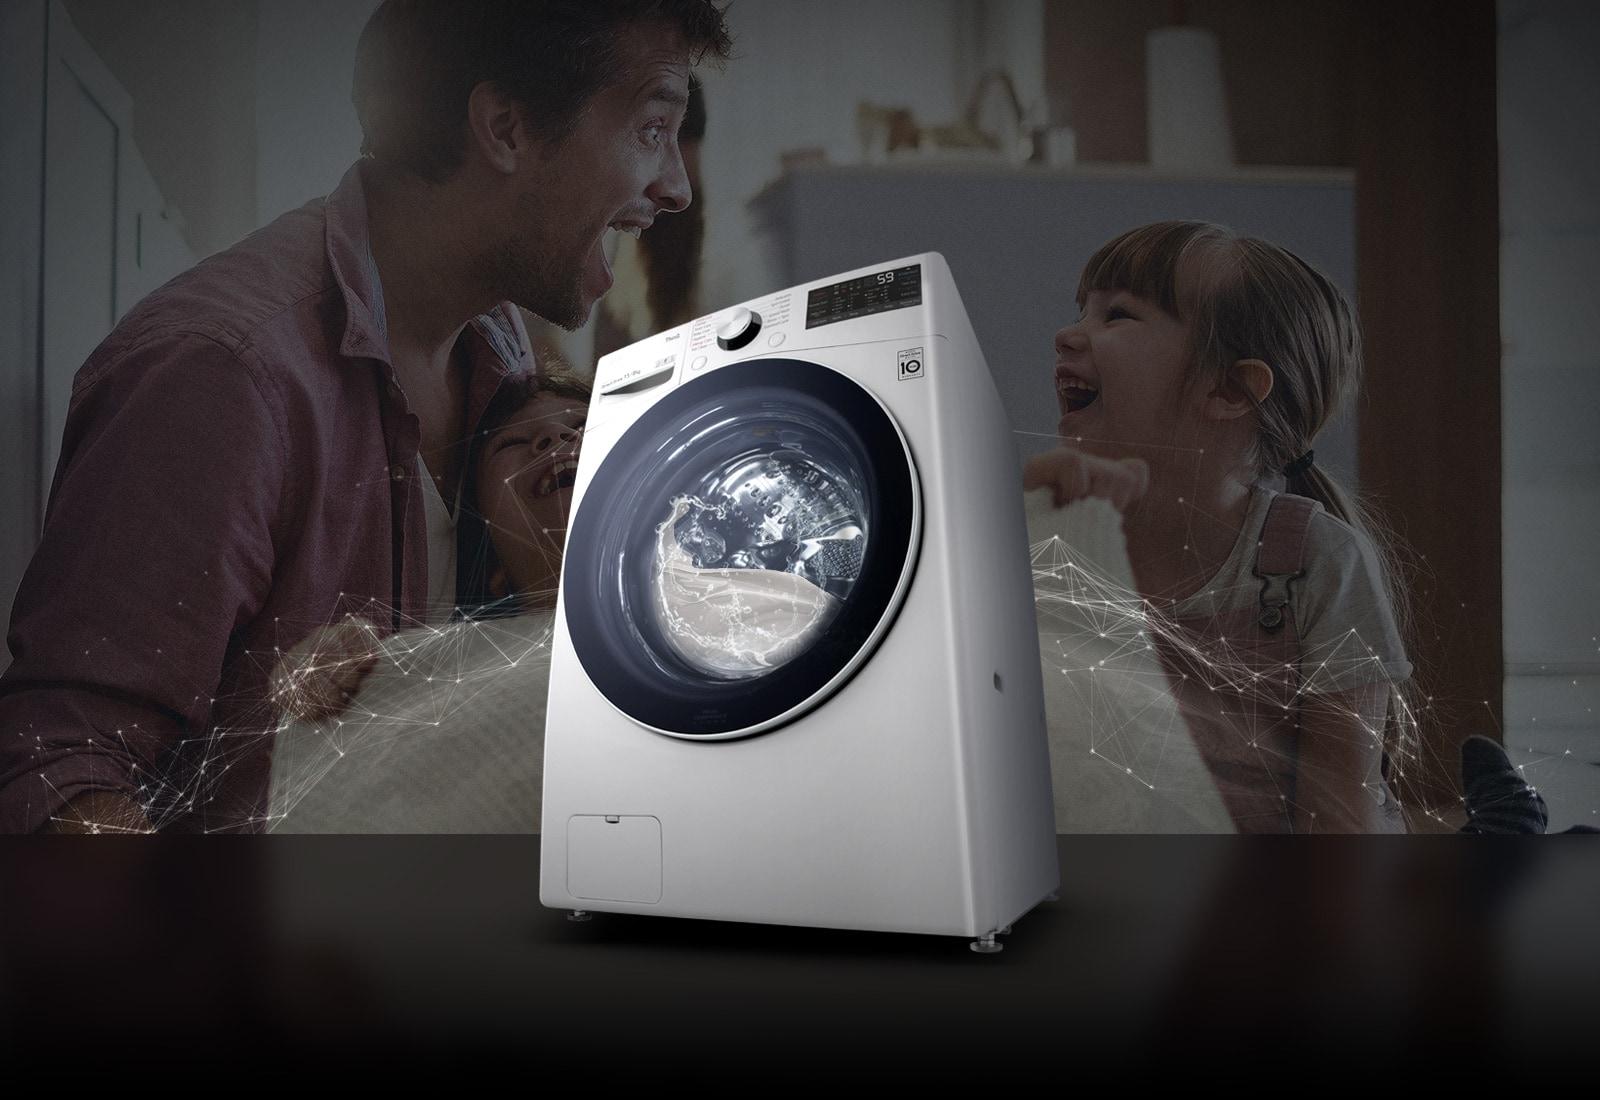 Bố và con gái đang cười ở phía sau trong lúc cầm một cái chăn sạch. Máy giặt cửa trước màu trắng ở phía trước.